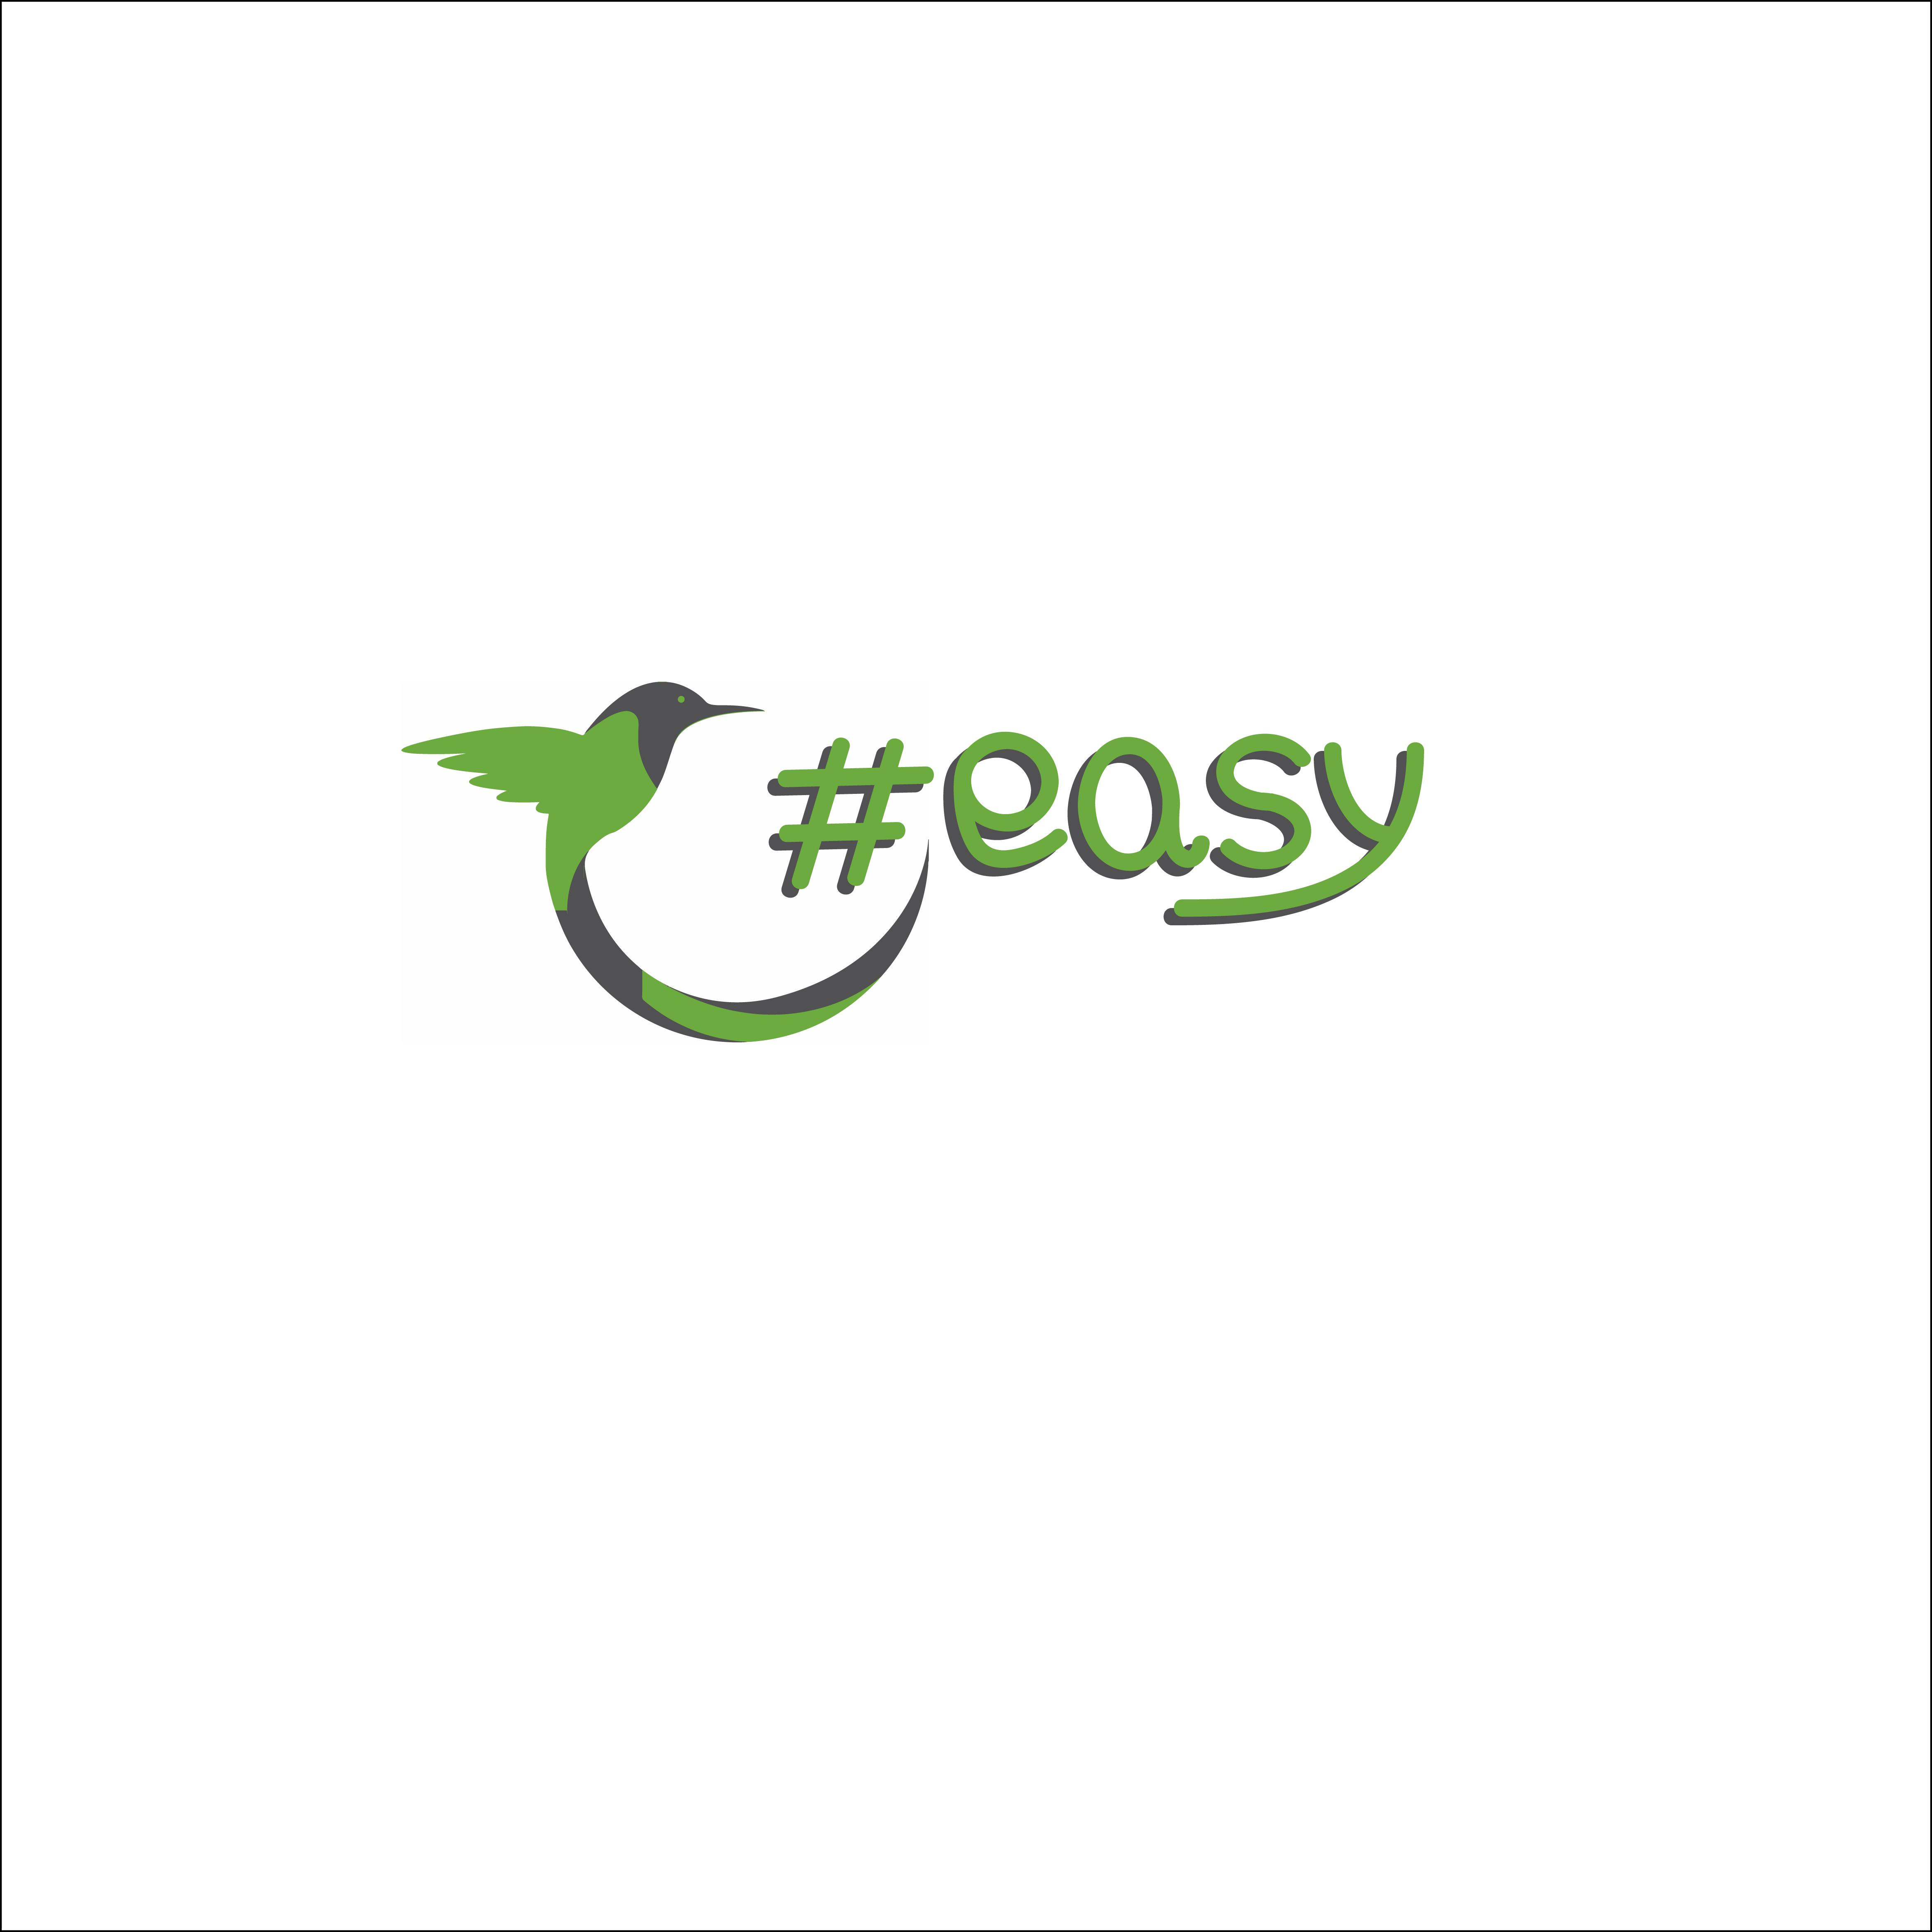 Разработка логотипа в виде хэштега #easy с зеленой колибри  фото f_5015d4ea4cf7ce2a.jpg